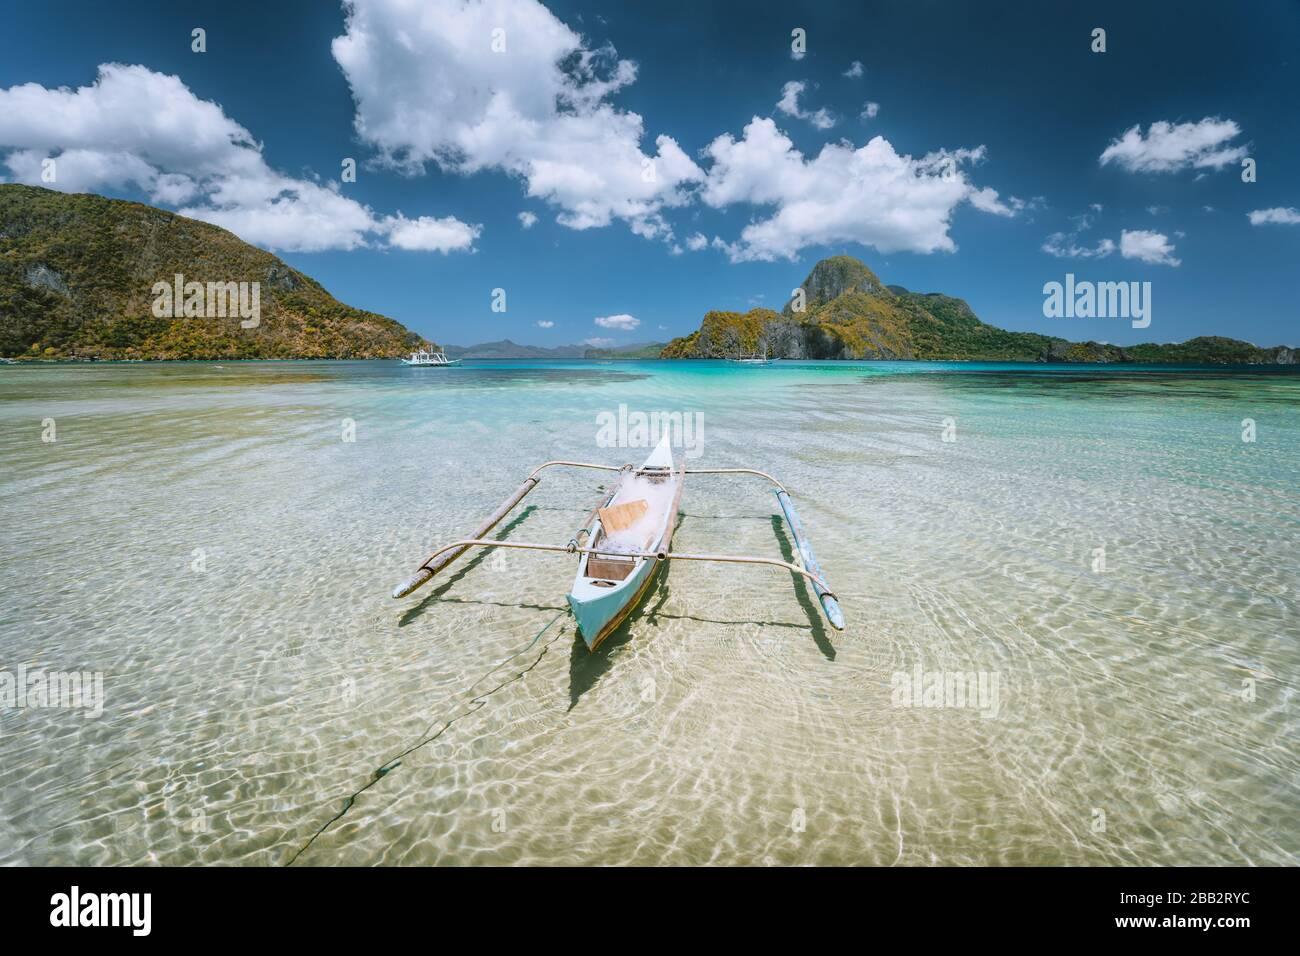 Bahía el Nido. Isla Palawan, Filipinas. Solitario barco pesquero filippino en la laguna de aguas poco profundas al mediodía. Viajar exótico Foto de stock